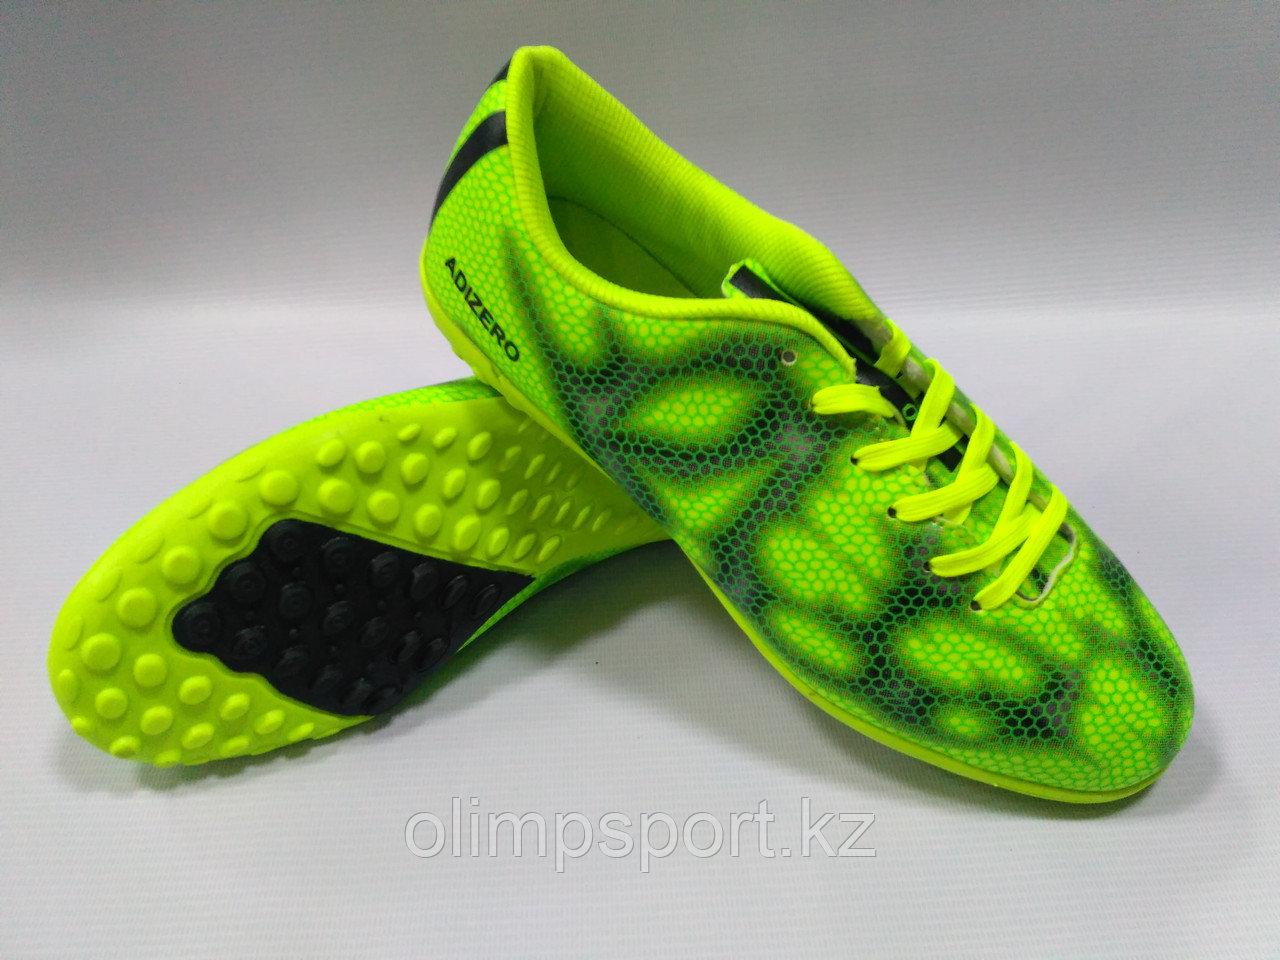 Сороконожки футбольные детские Adidas adizero f50